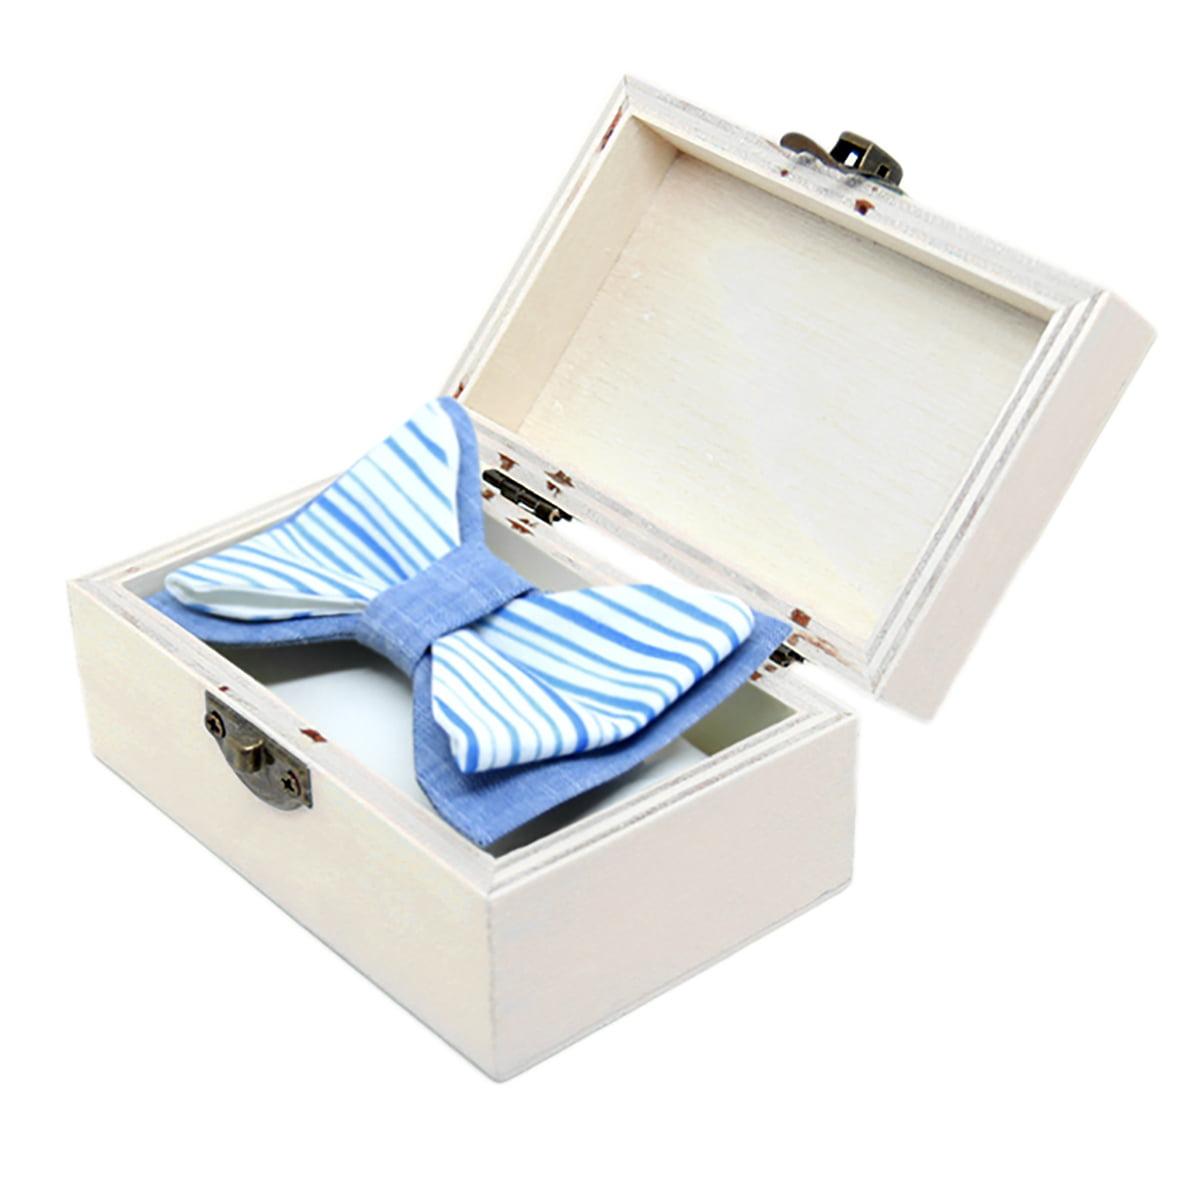 Plavo more leptir mašna u drvenoj kutiji